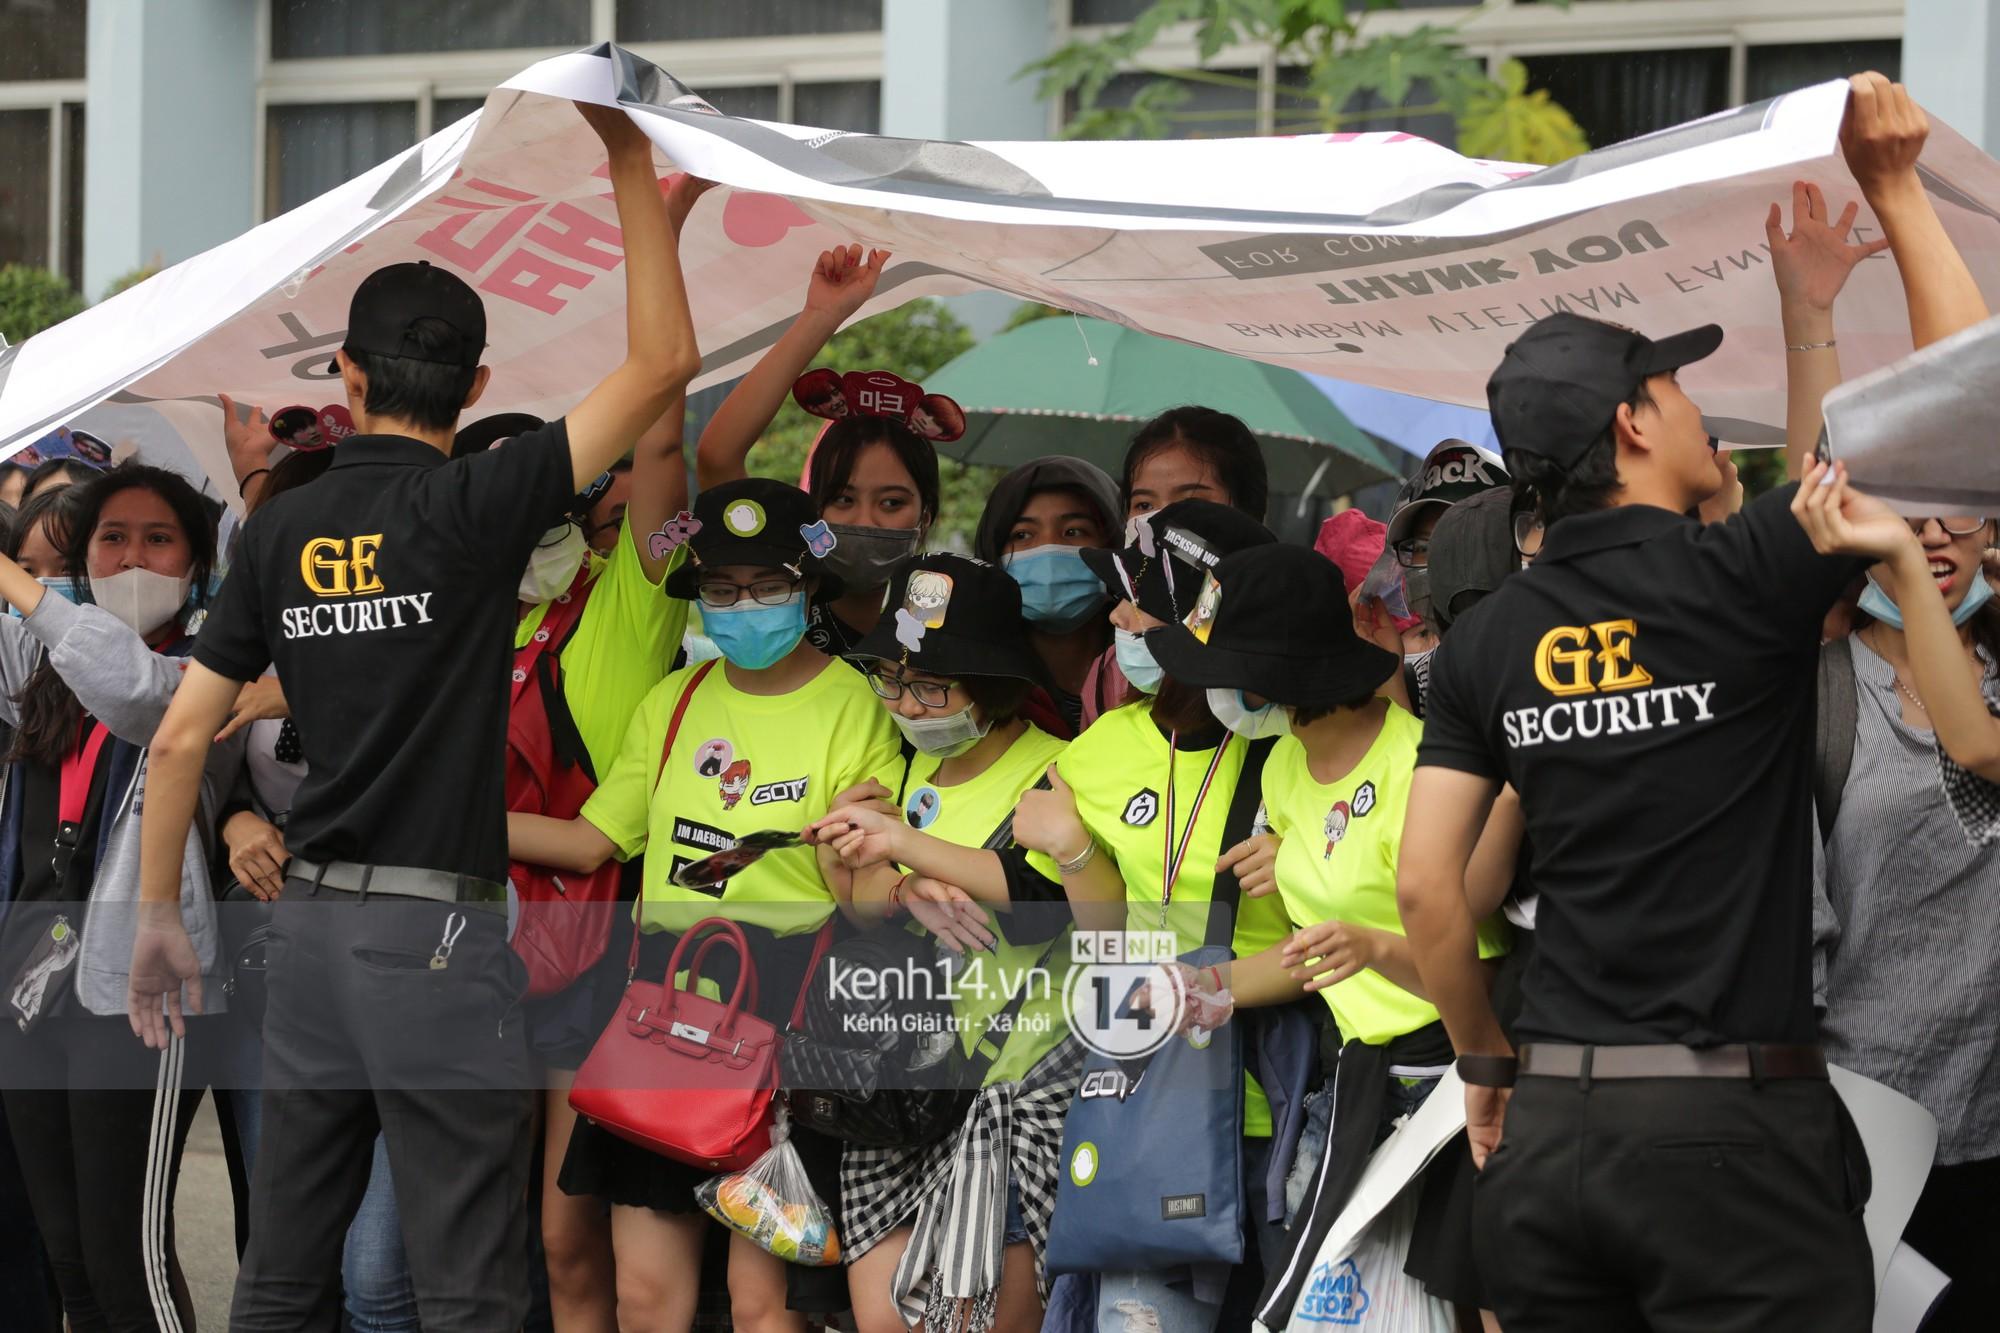 GOT7 cố vẫy chào tại sân bay Tân Sơn Nhất dù trời mưa to, fan Việt gây bất ngờ khi giữ thành hàng ngay ngắn chờ thần tượng - Ảnh 29.